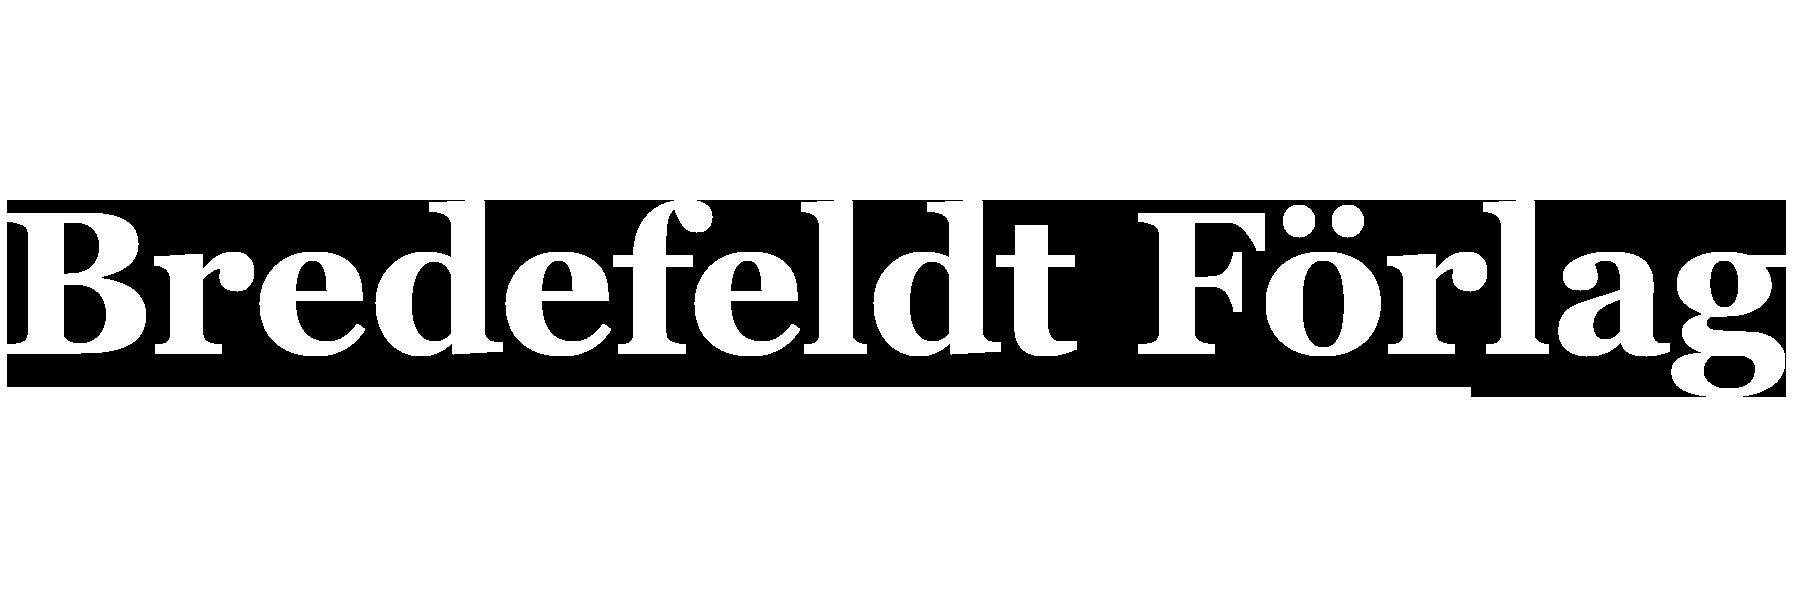 Bredefeldt förlag logo